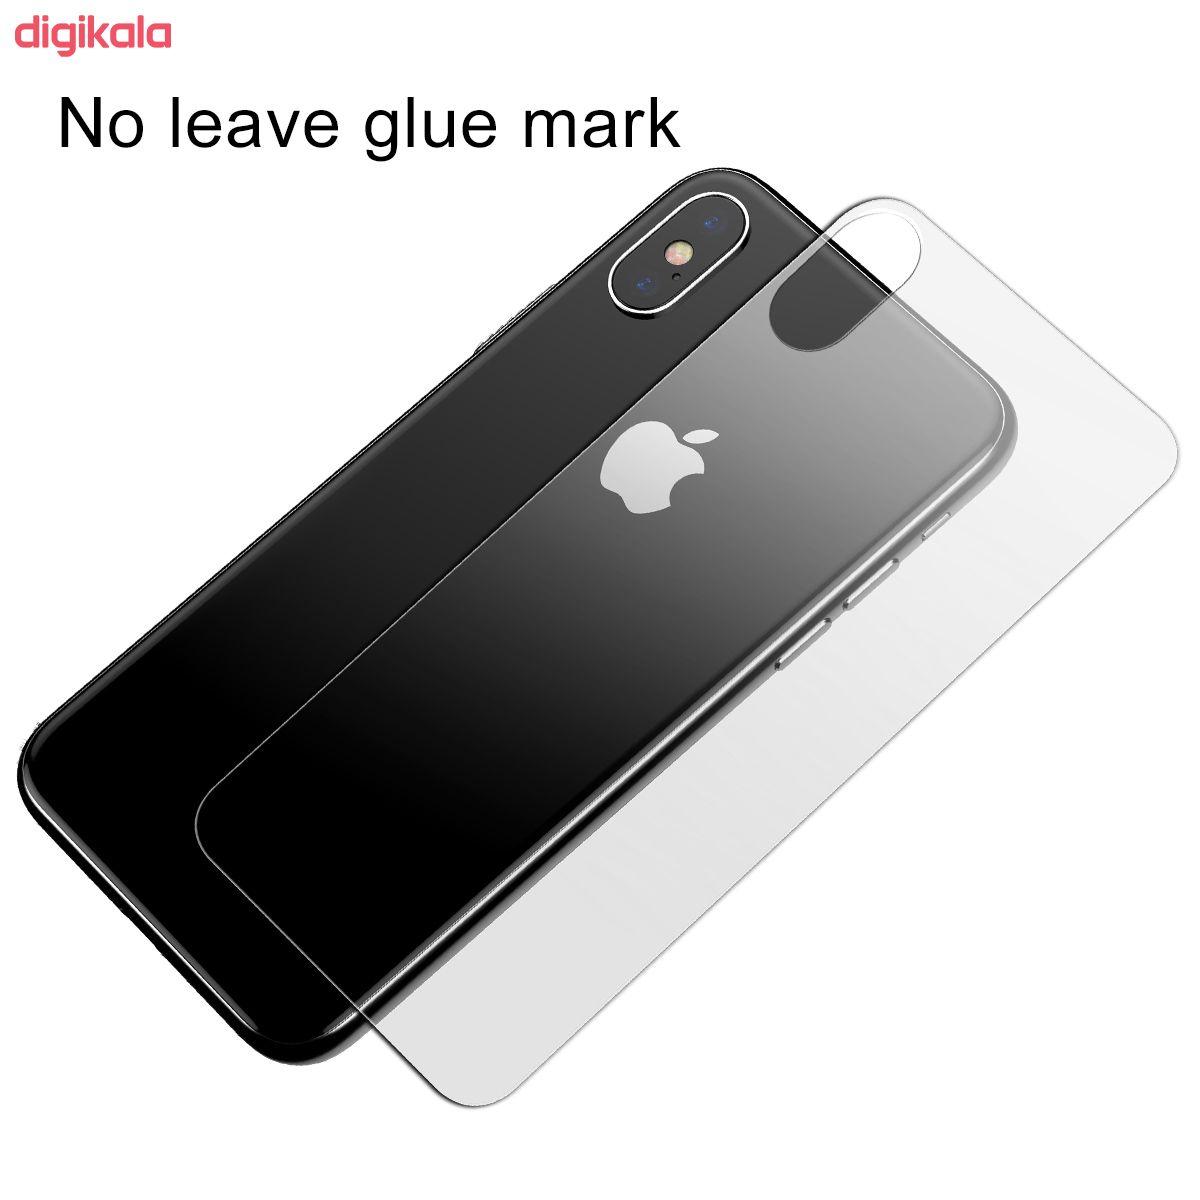 محافظ پشت گوشی باسئوس مدل SGAPIPH58-ABM02 مناسب برای گوشی موبایل اپل Iphone XS main 1 3